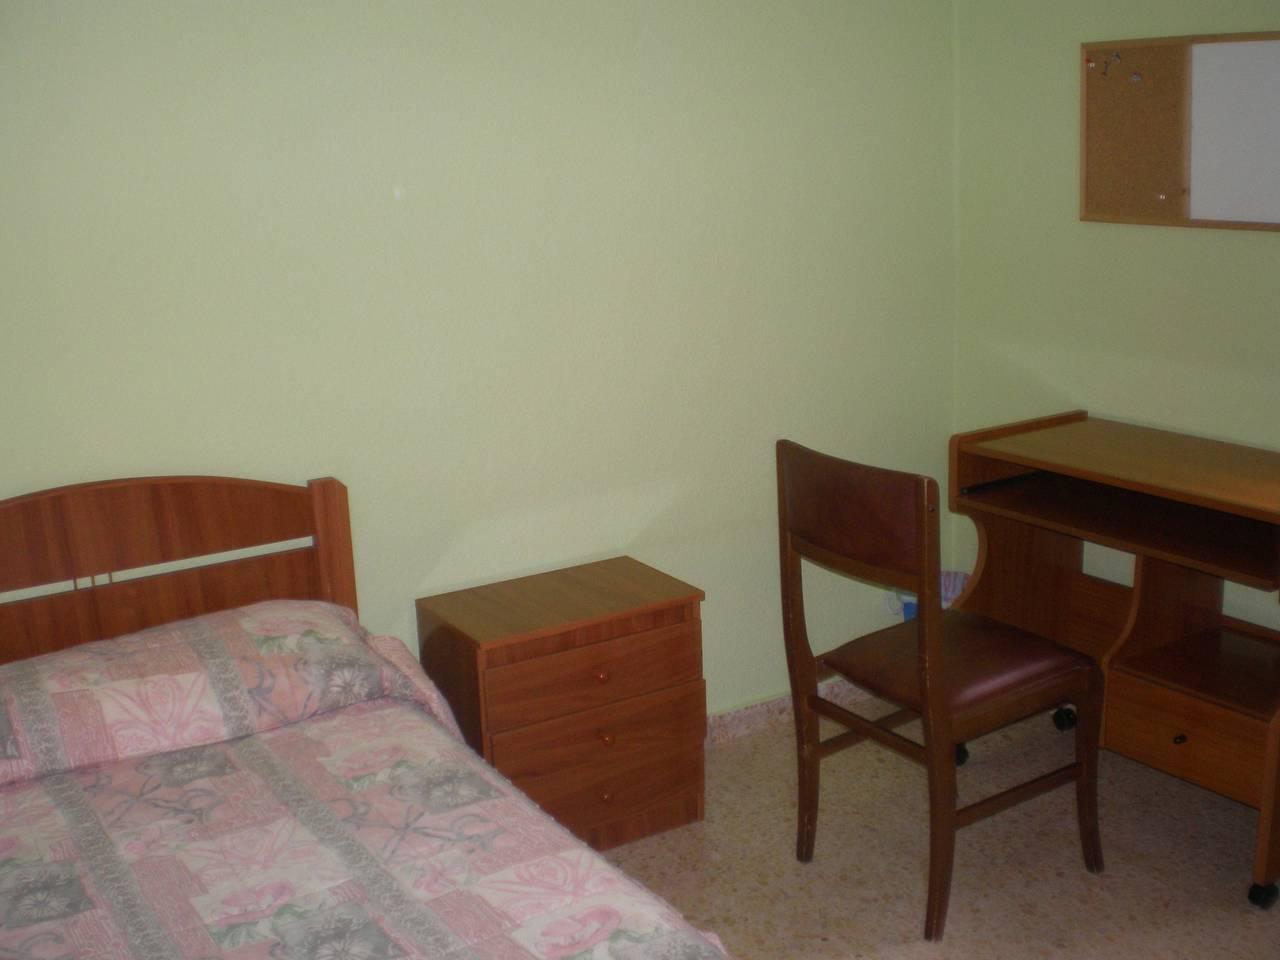 en soria se alquilan habitaciones en piso compartido  - Foto 5